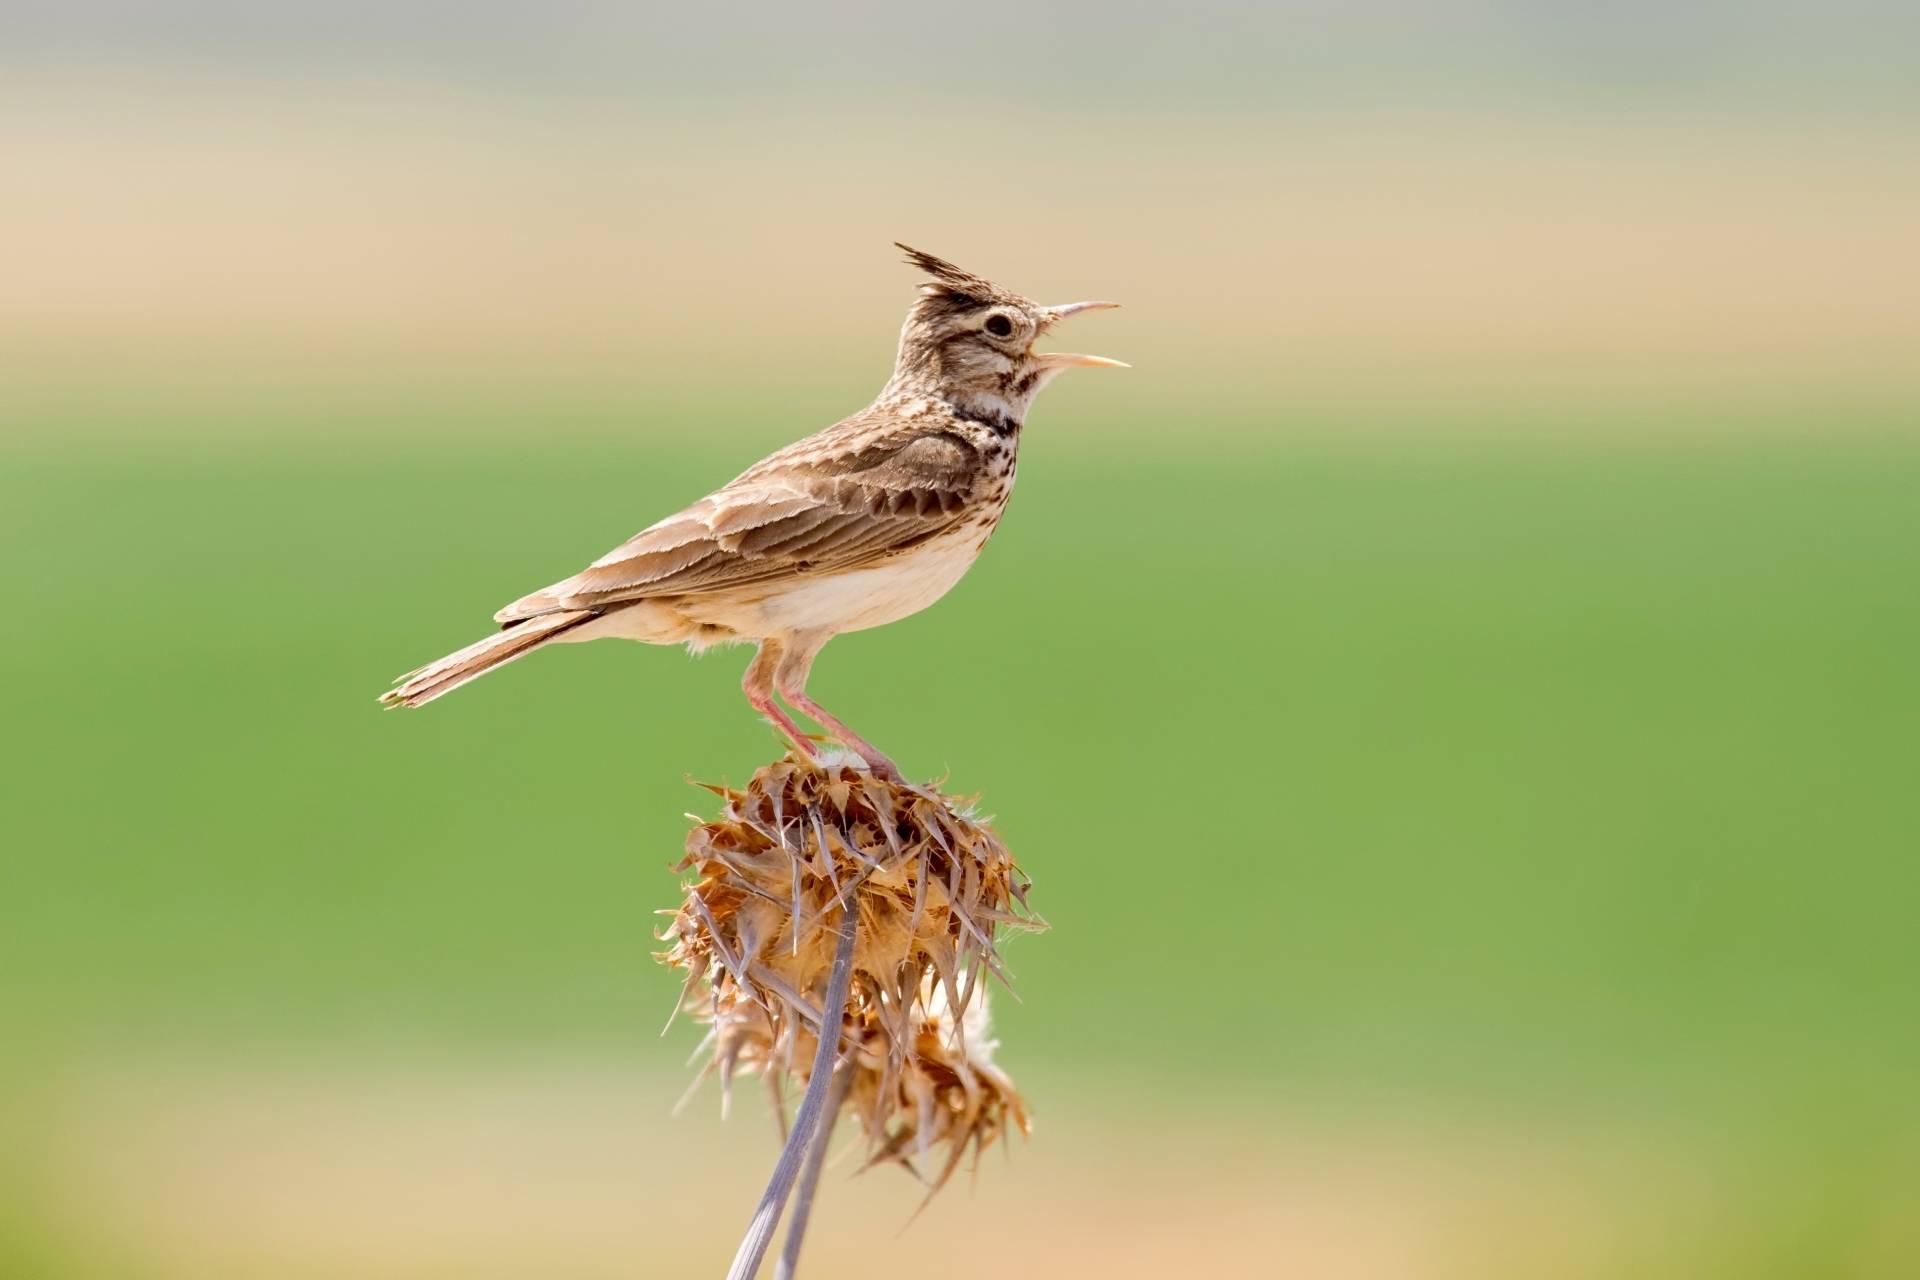 Śpiewający skowronek - gdzie słuchać ptasiego radia?